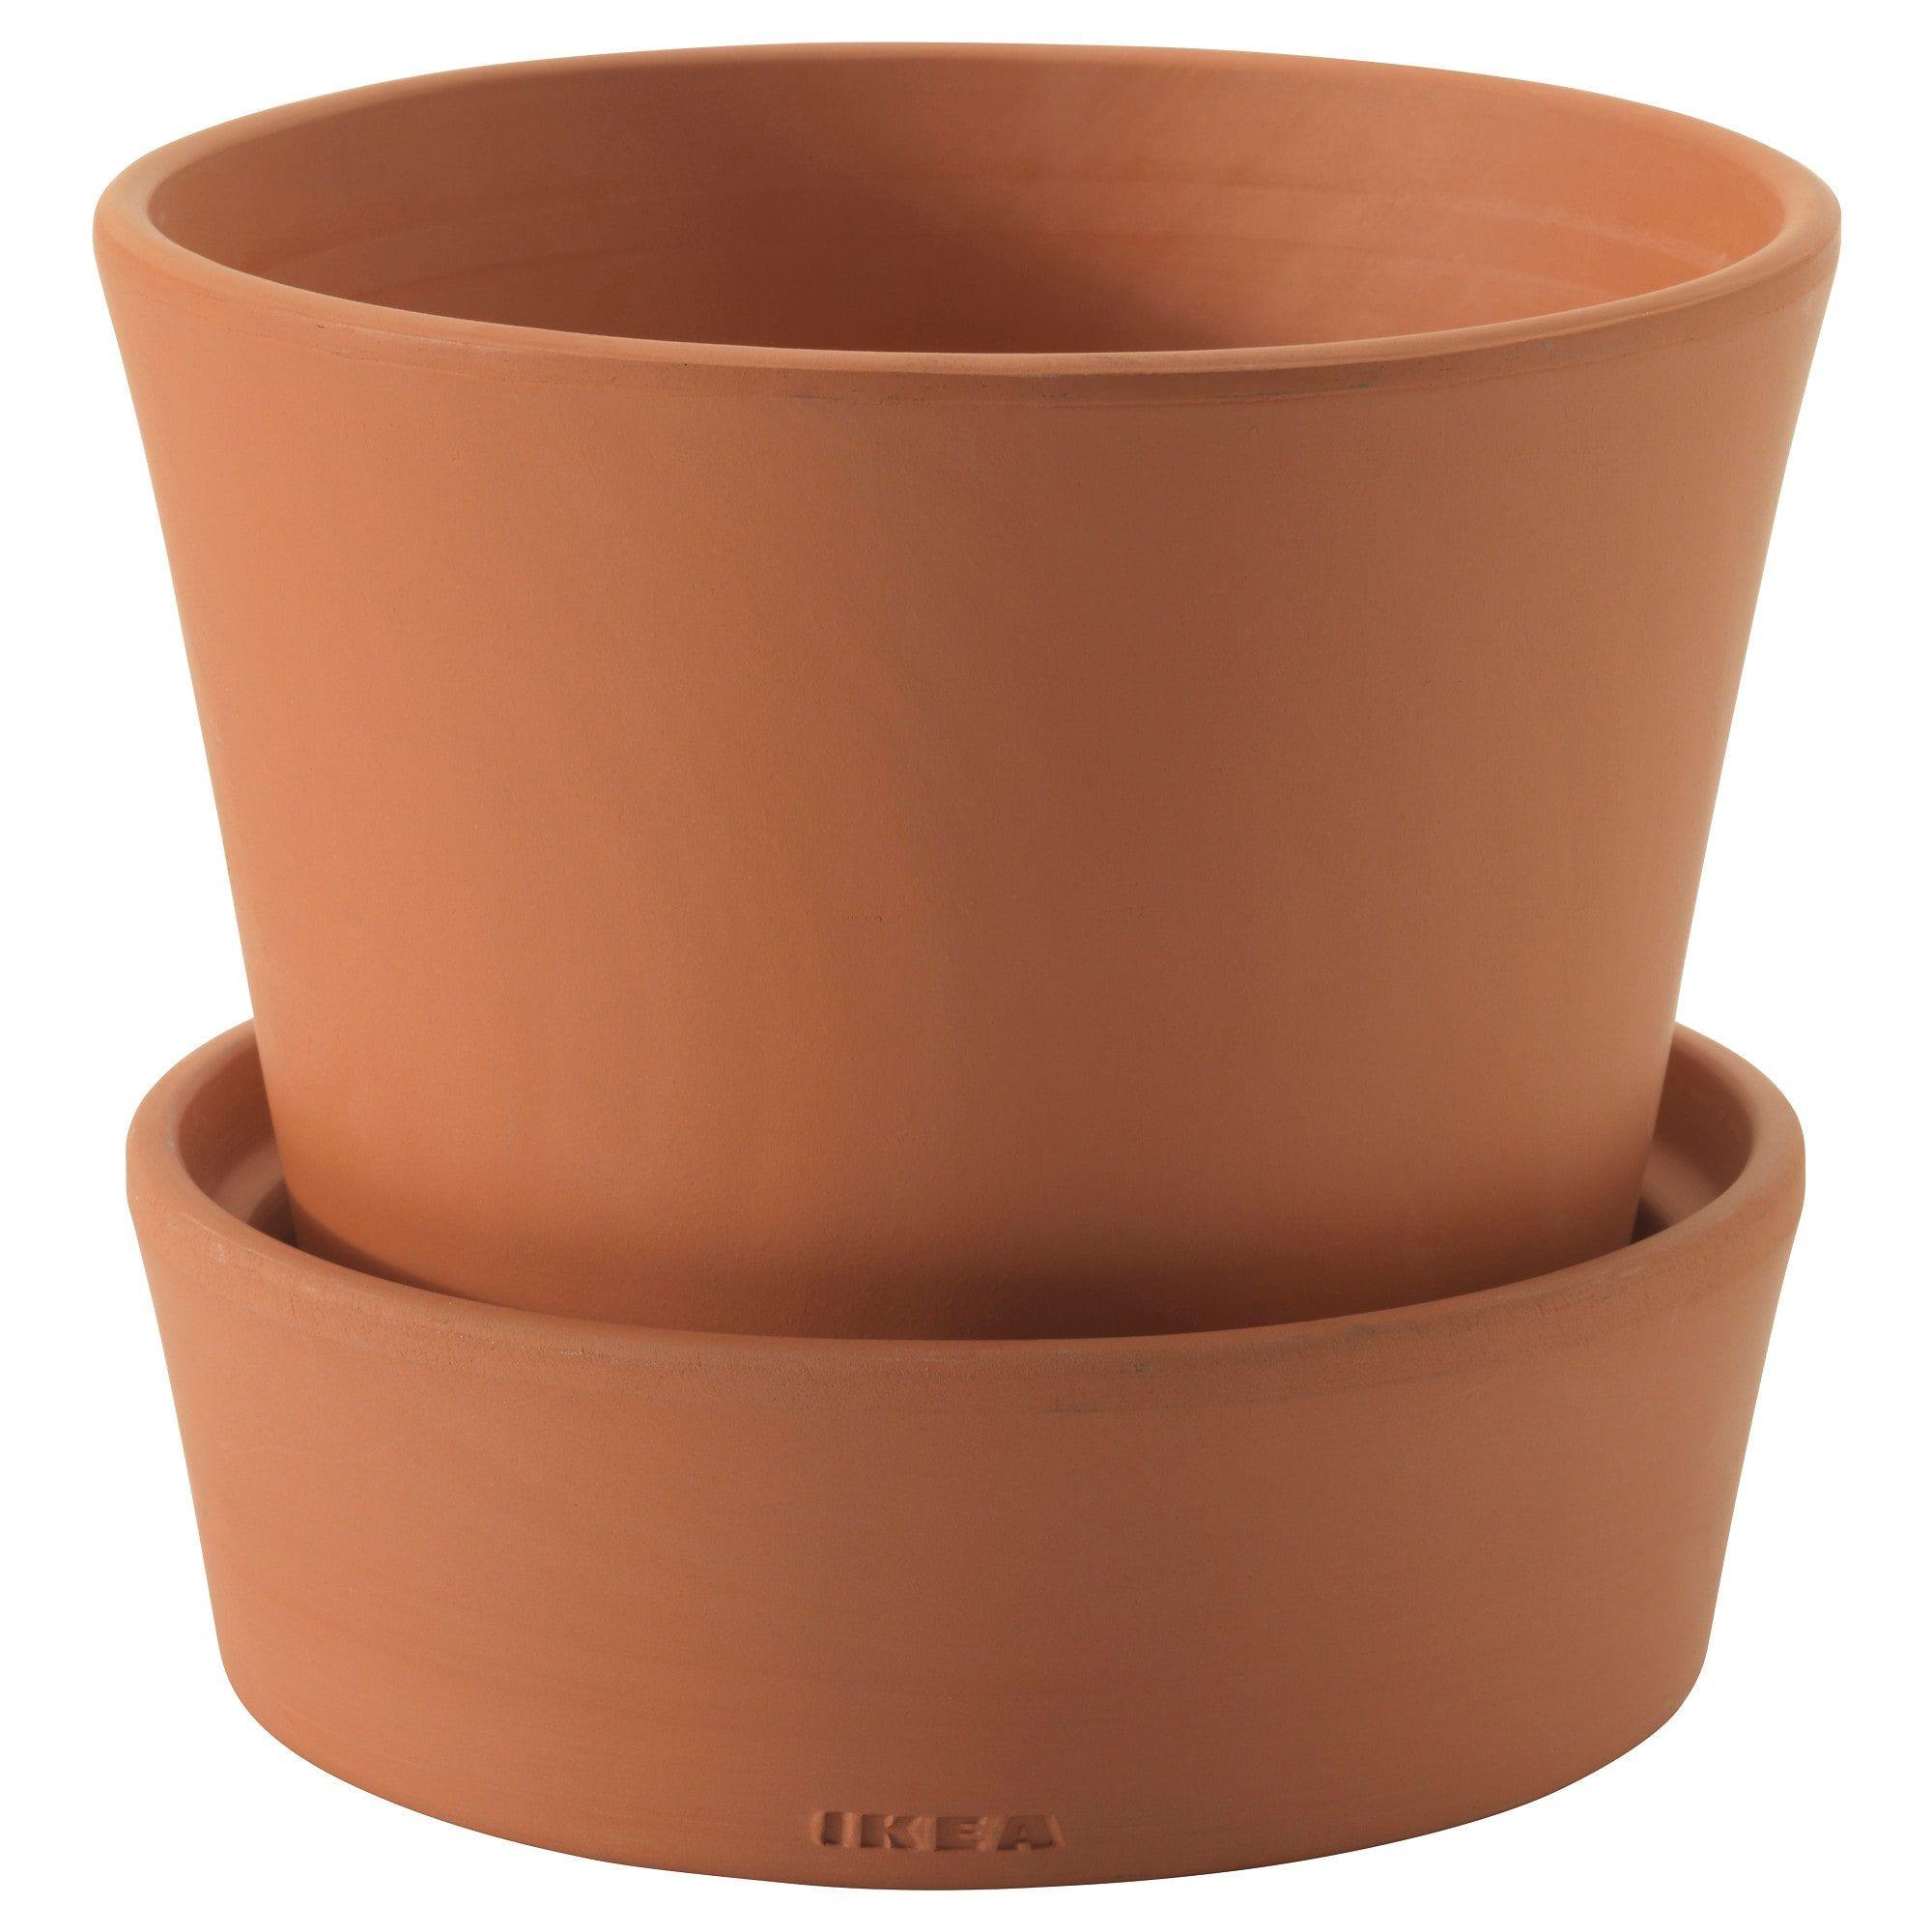 Ikea Ingefara Outdoor Indoor Outdoor Terracotta Plant P*T 400 x 300